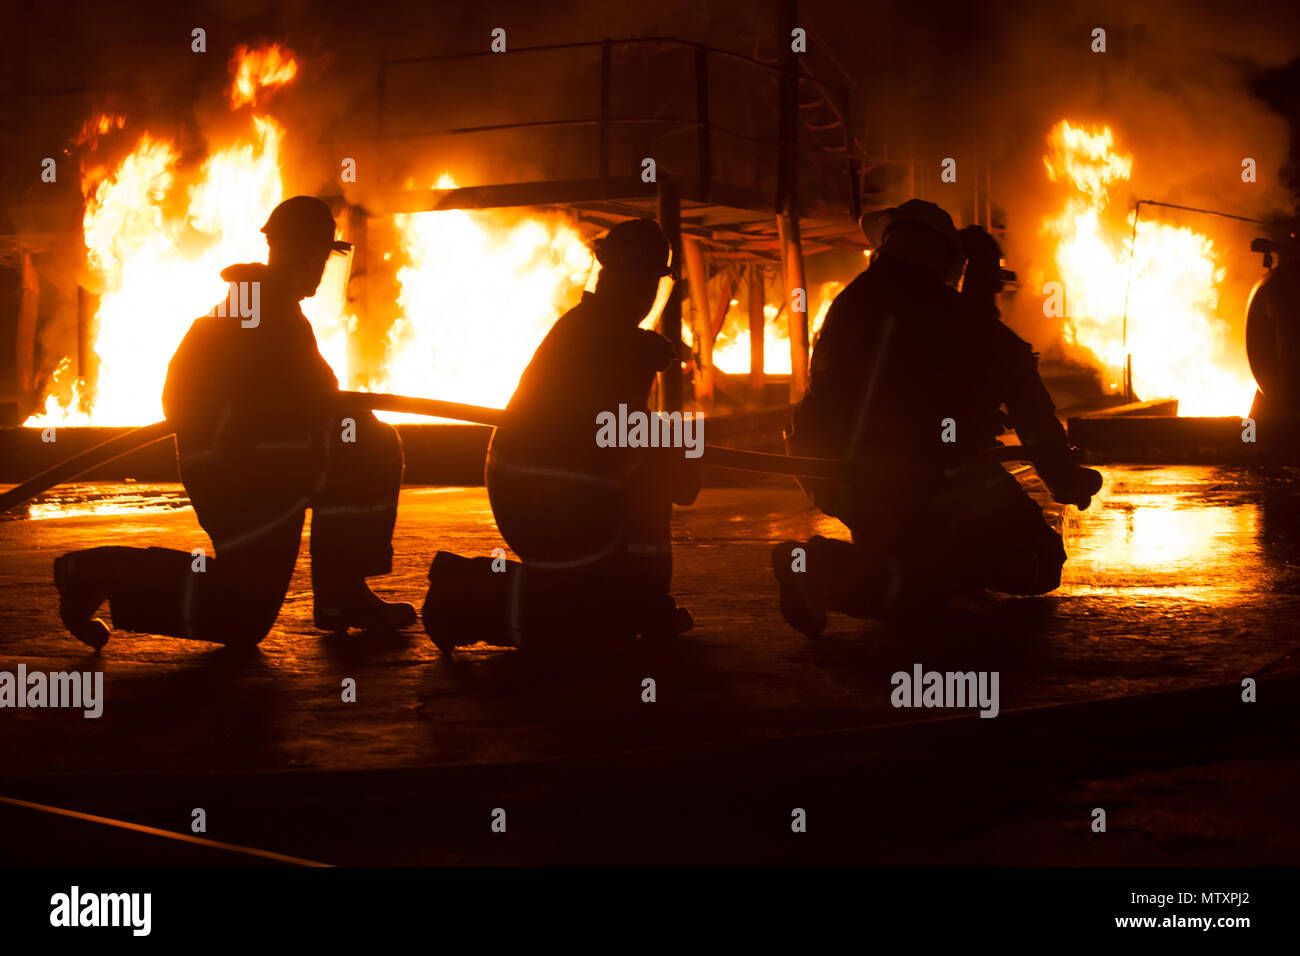 Johannesburgo, Sudáfrica: Mayo, 2018 Bomberos de rodillas durante ejercicios de entrenamiento de extinción de incendios Foto de stock